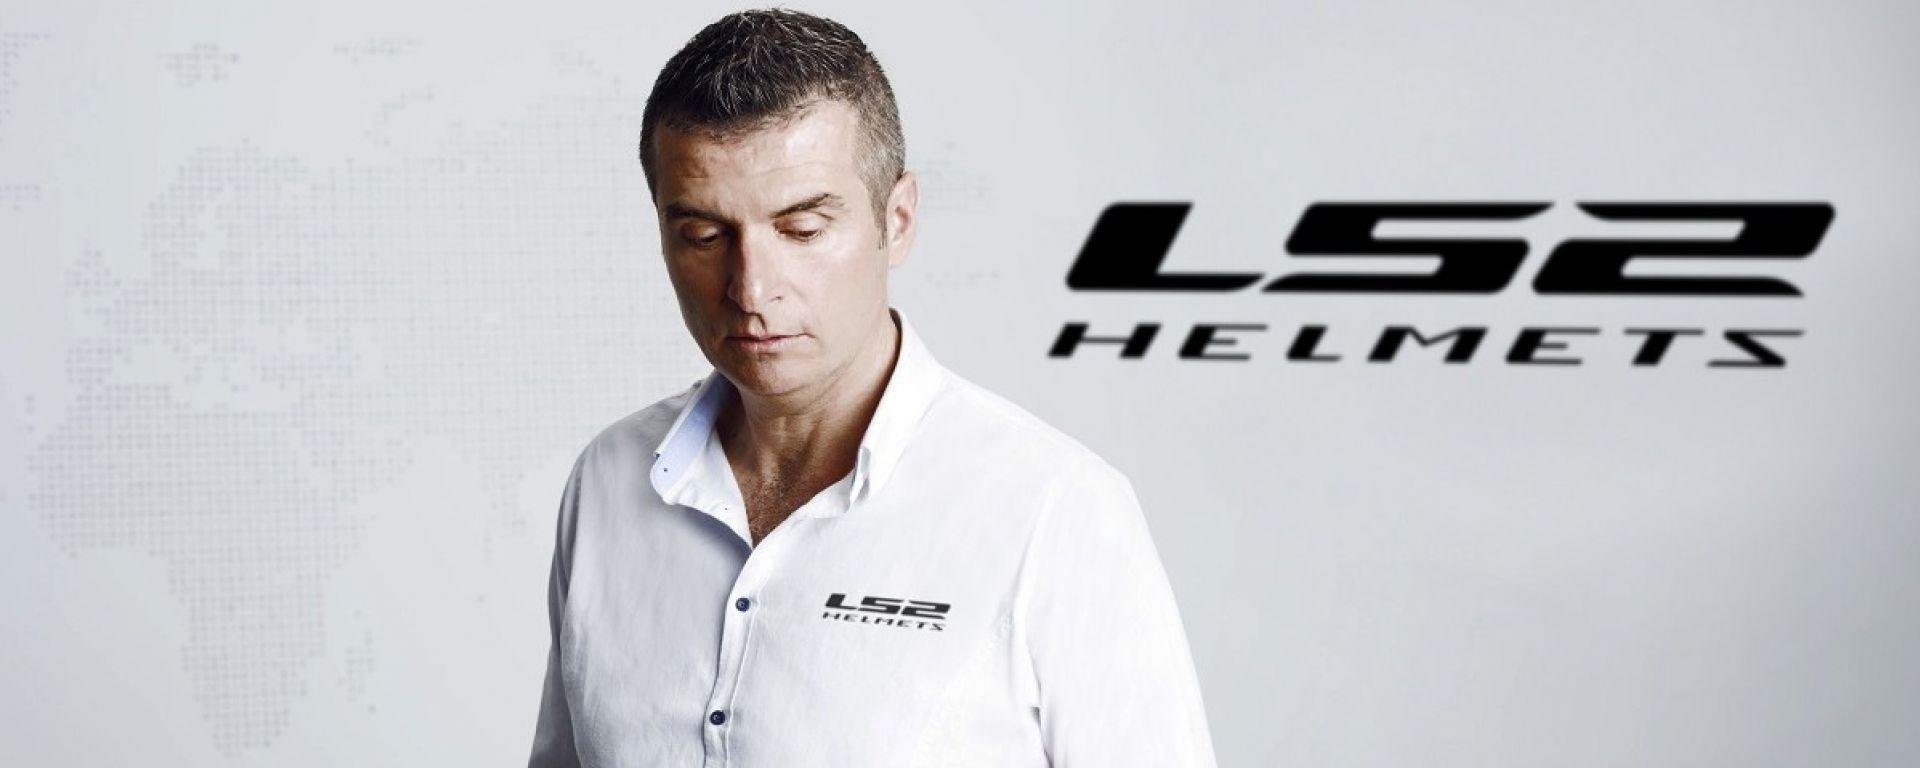 Giuseppe Porcu LS2 Helmets